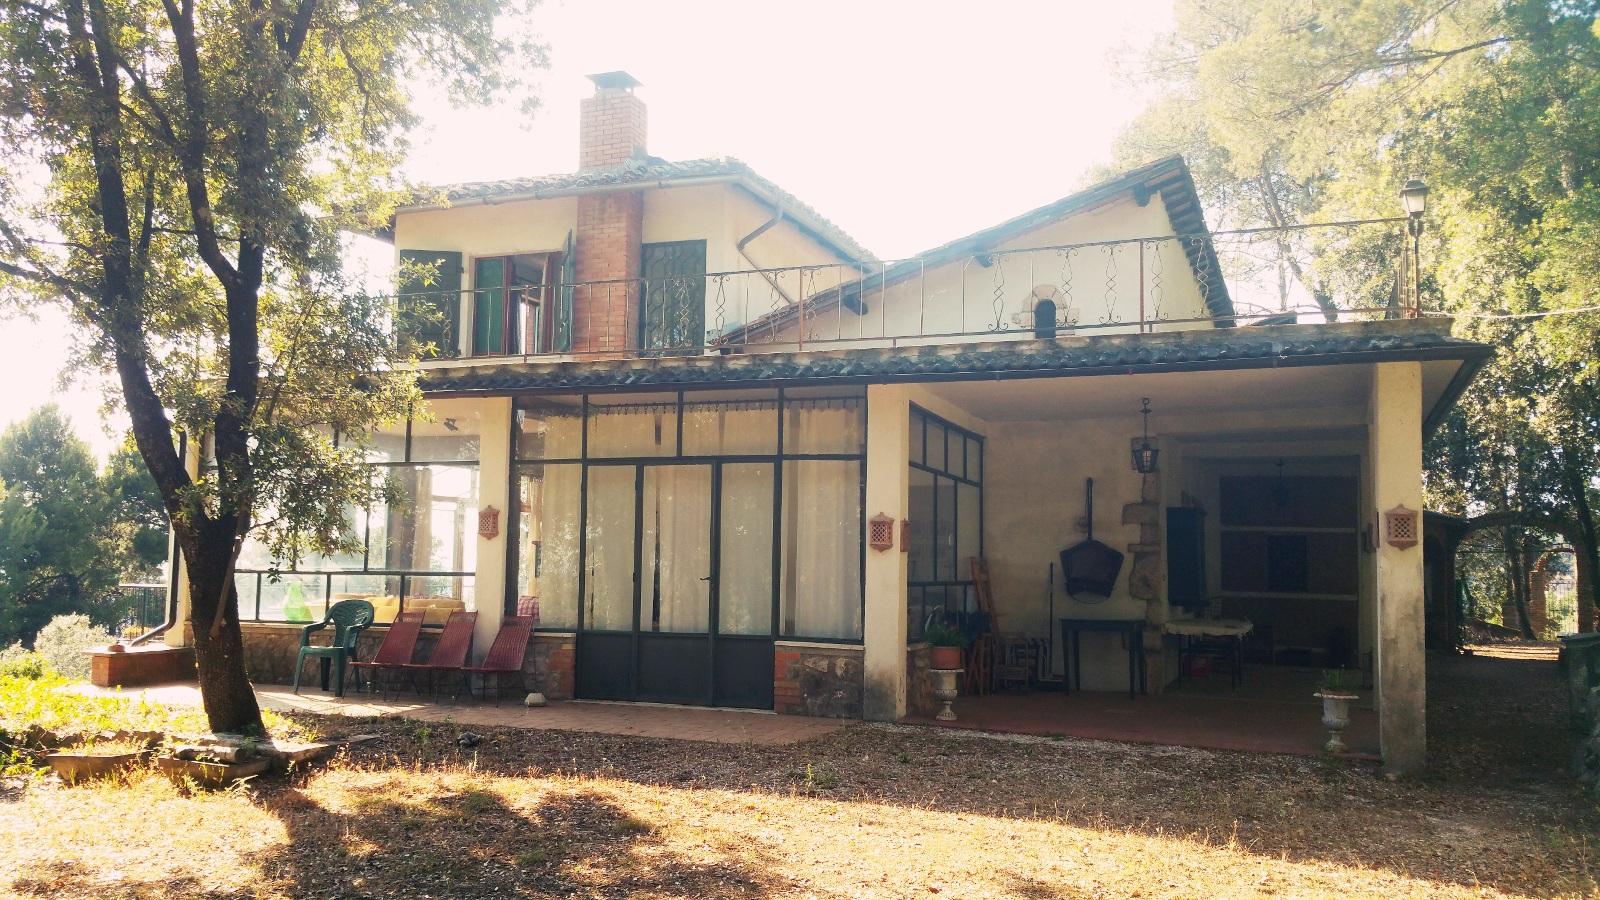 Villa in vendita a Otricoli, 8 locali, zona Zona: Poggio, prezzo € 270.000 | CambioCasa.it